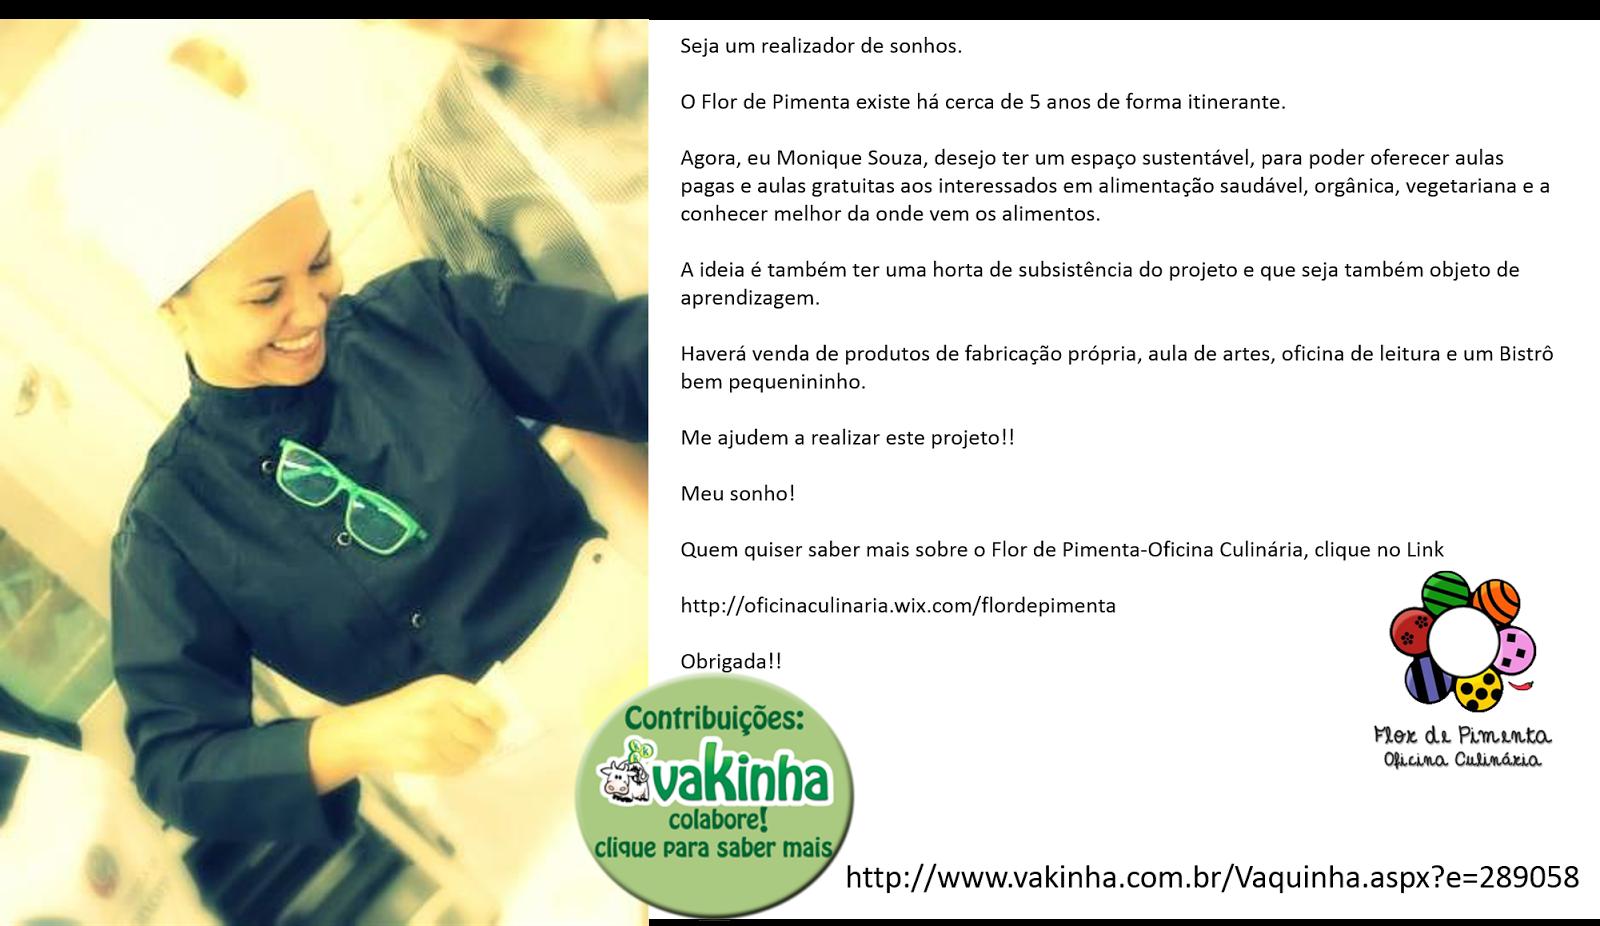 http://www10.vakinha.com.br/Vaquinha.aspx?e=289058